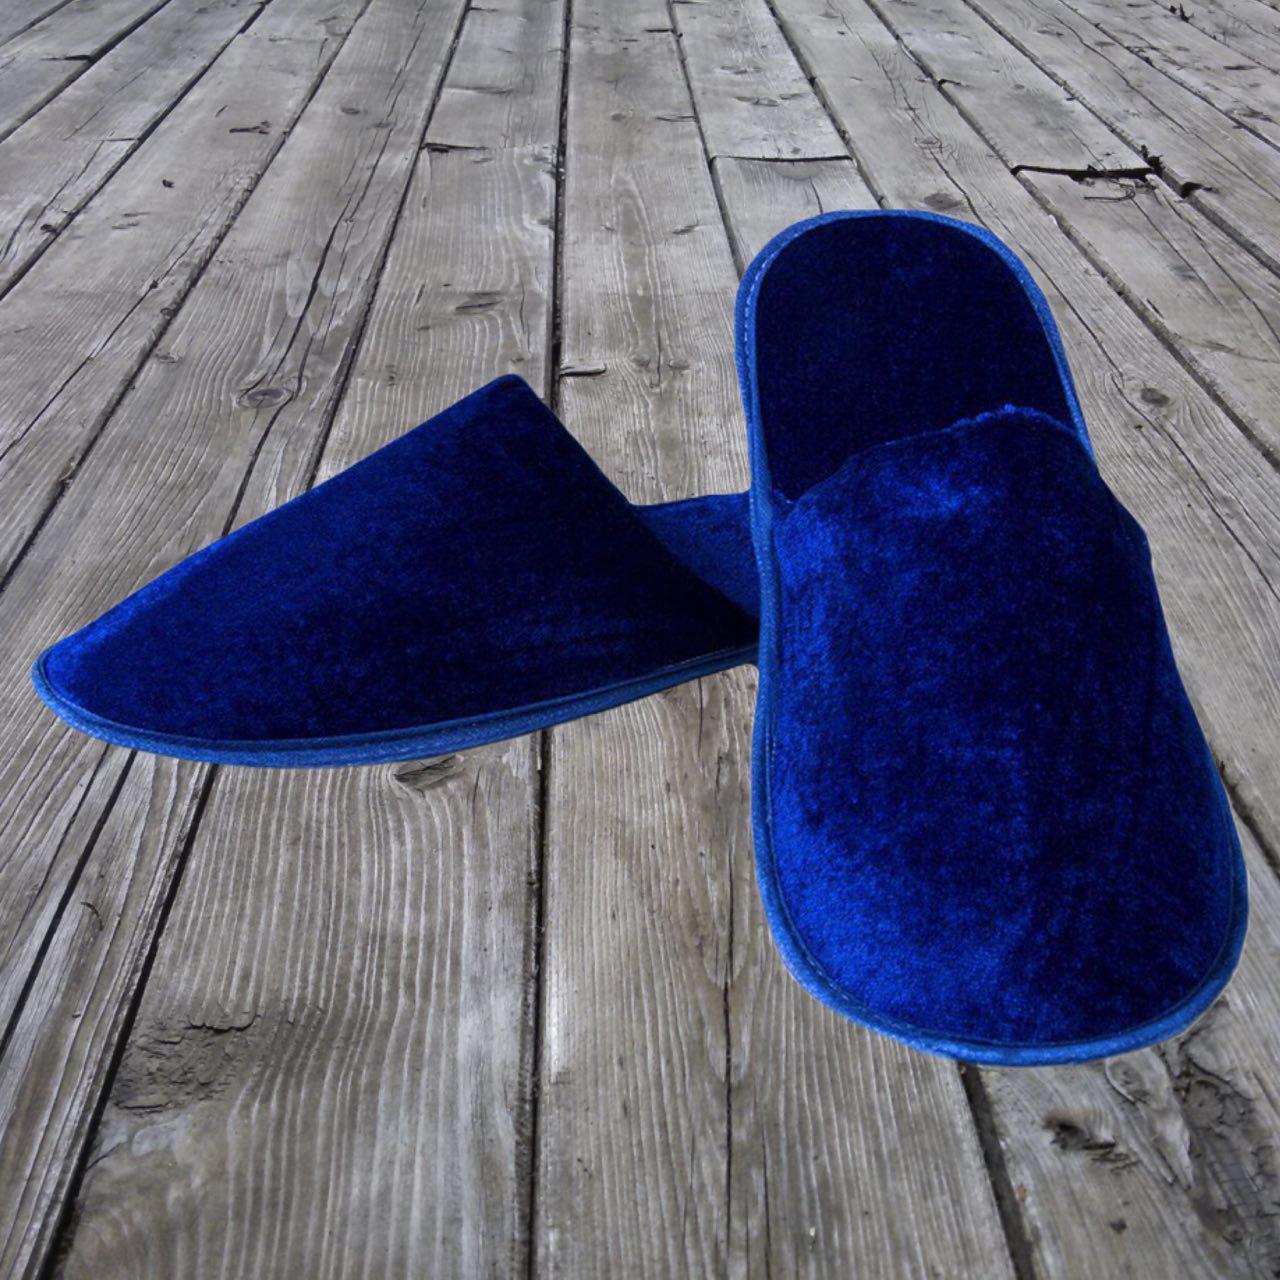 Тапочки гостевые EURO TEXTILE велюровые (закрытый мыс) синие для дома, офиса, гостиниц и SPA